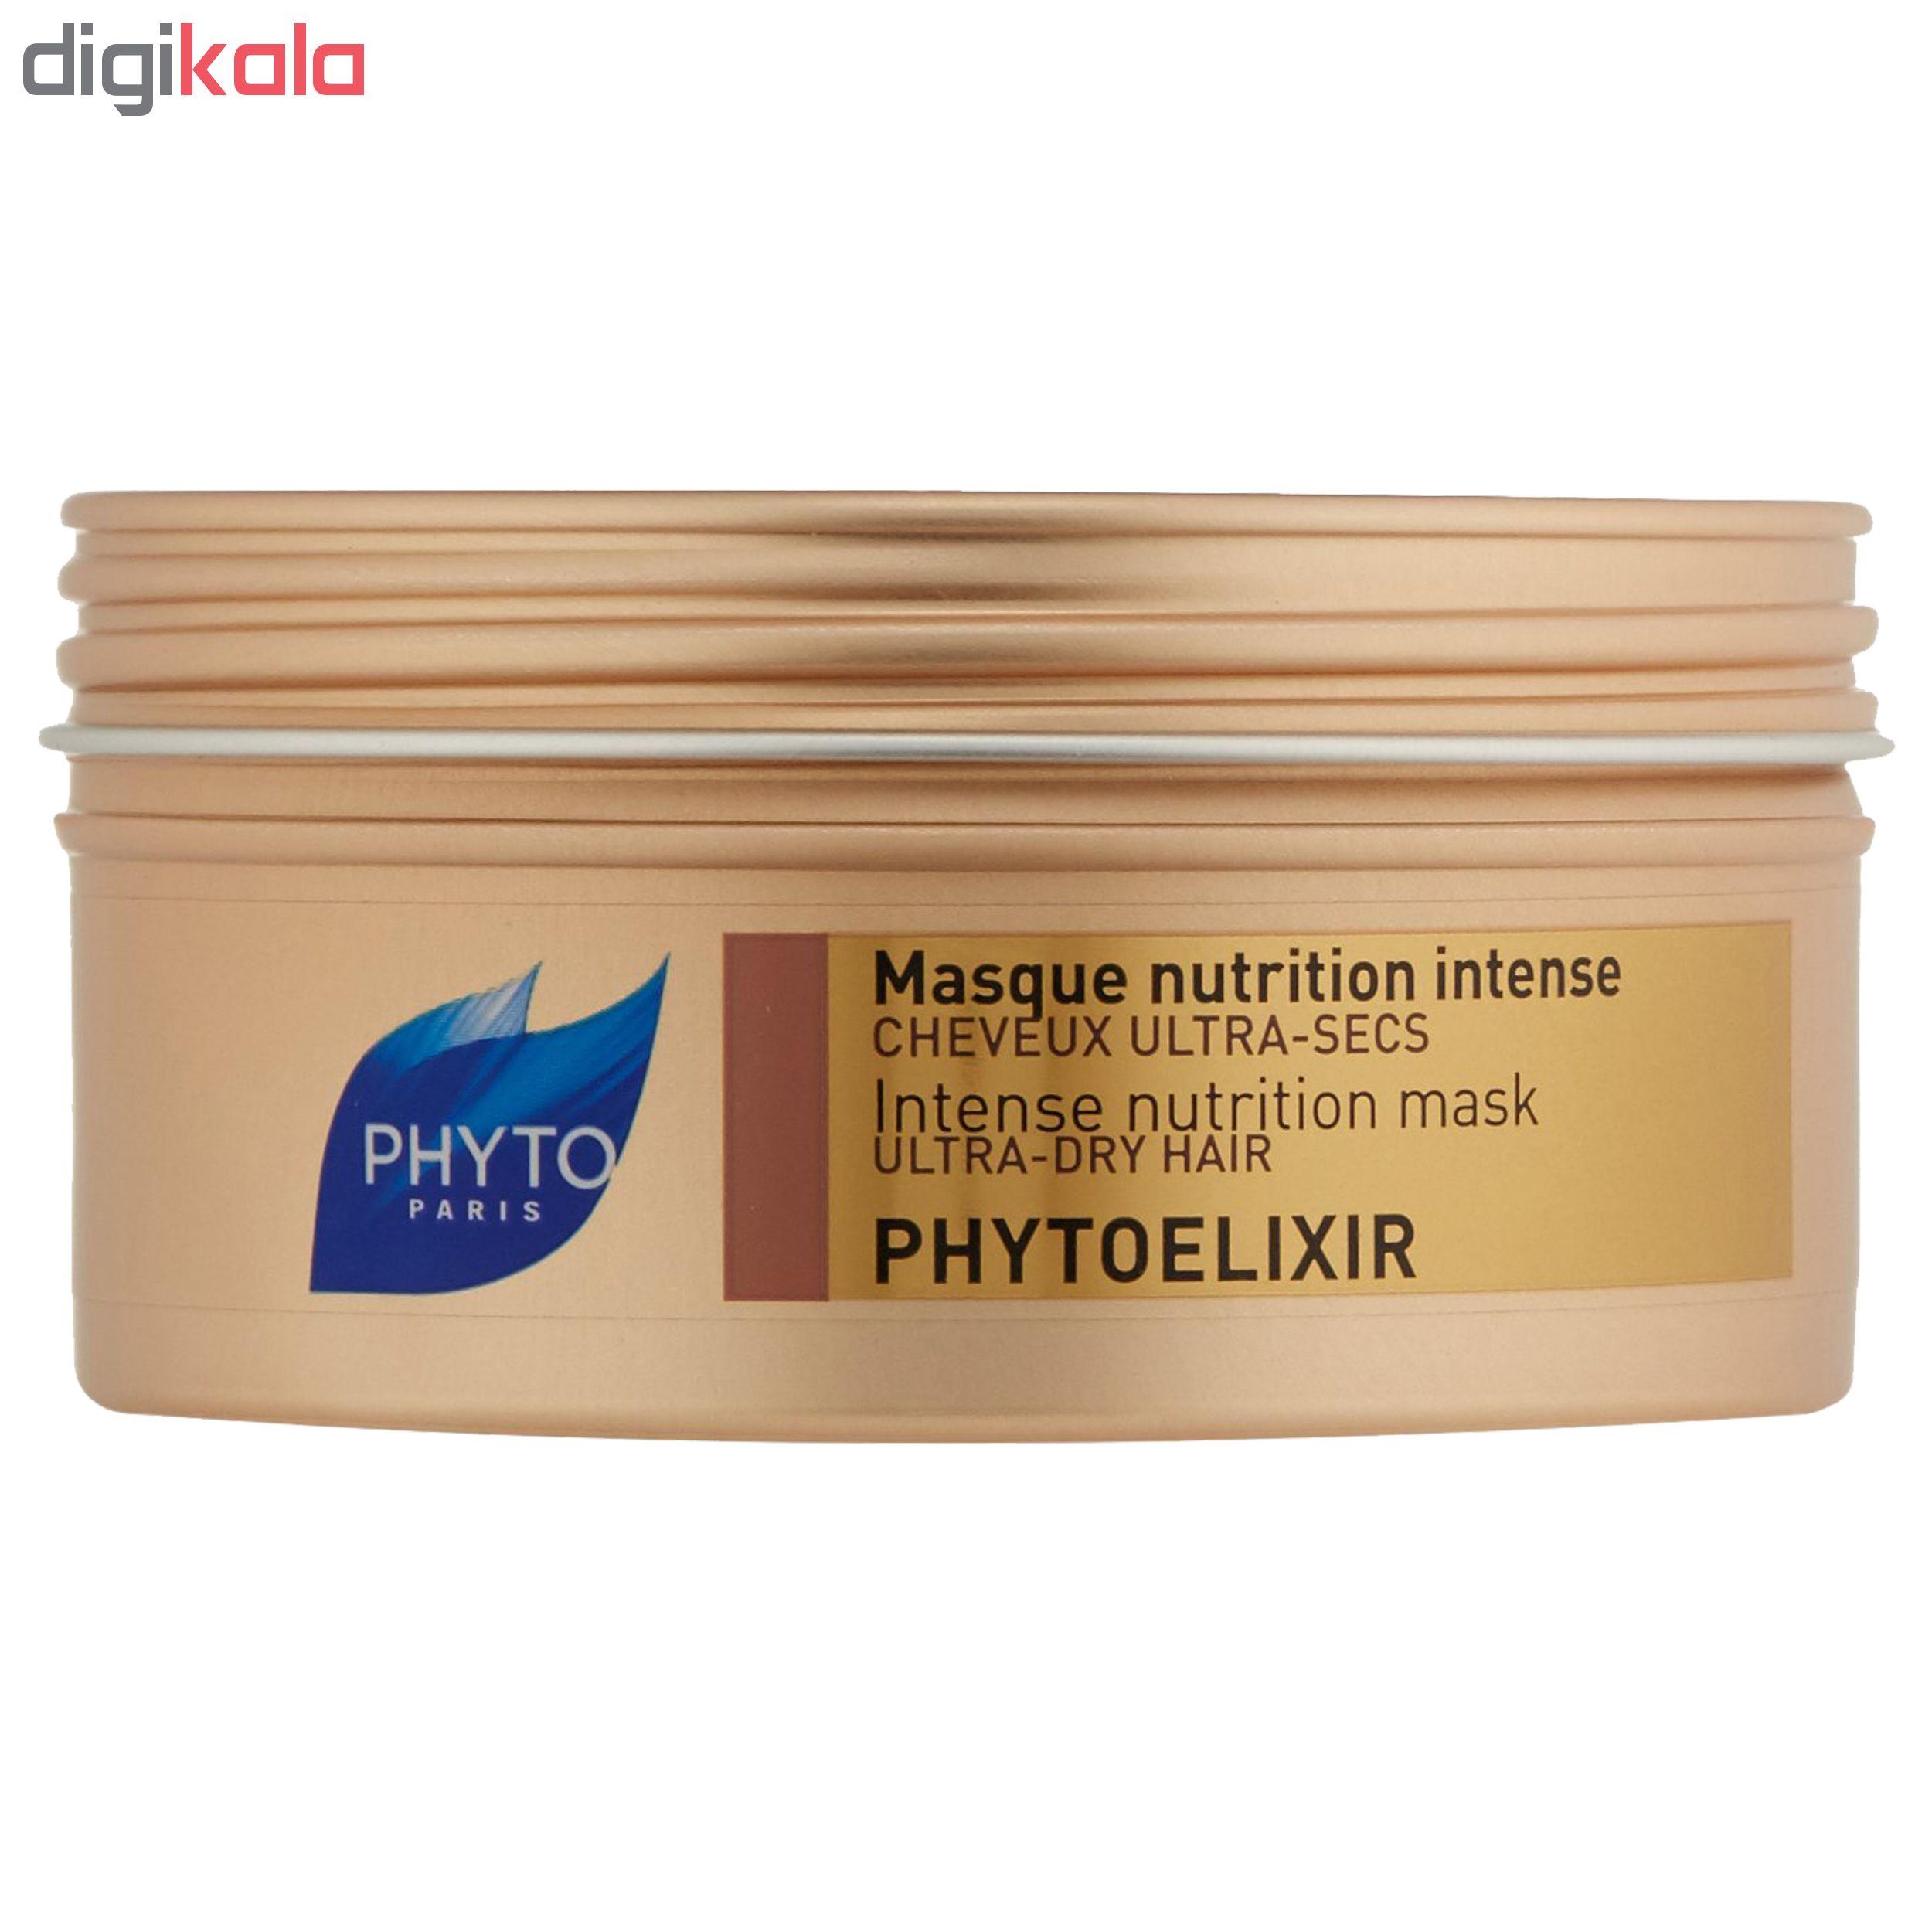 ماسک مو فیتو مدل Phytoelixir حجم ۲۰۰ میلی لیتر